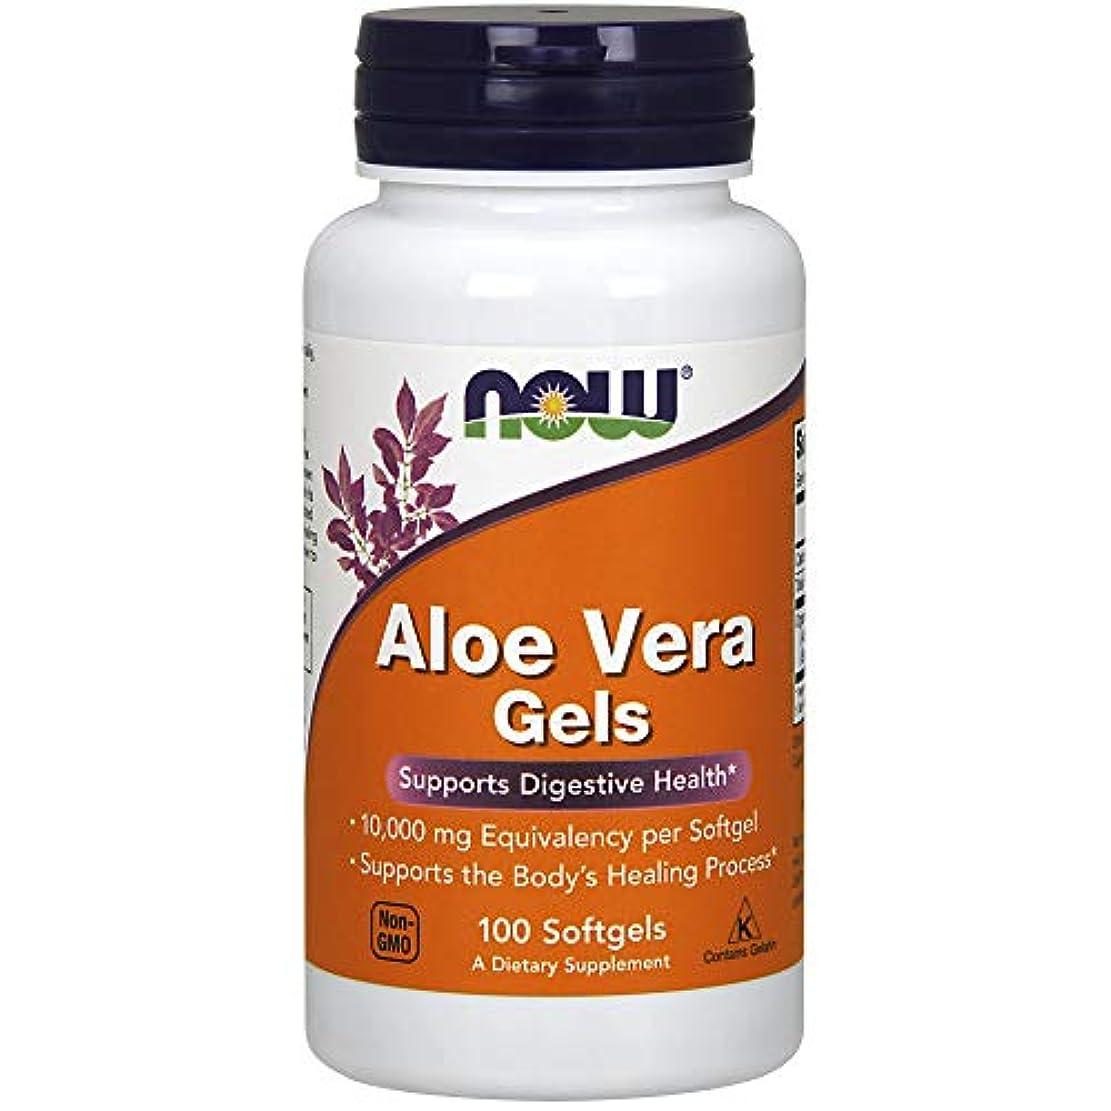 修正ジャベスウィルソン疫病Now Foods, Aloe Vera Gels, 100 Softgels